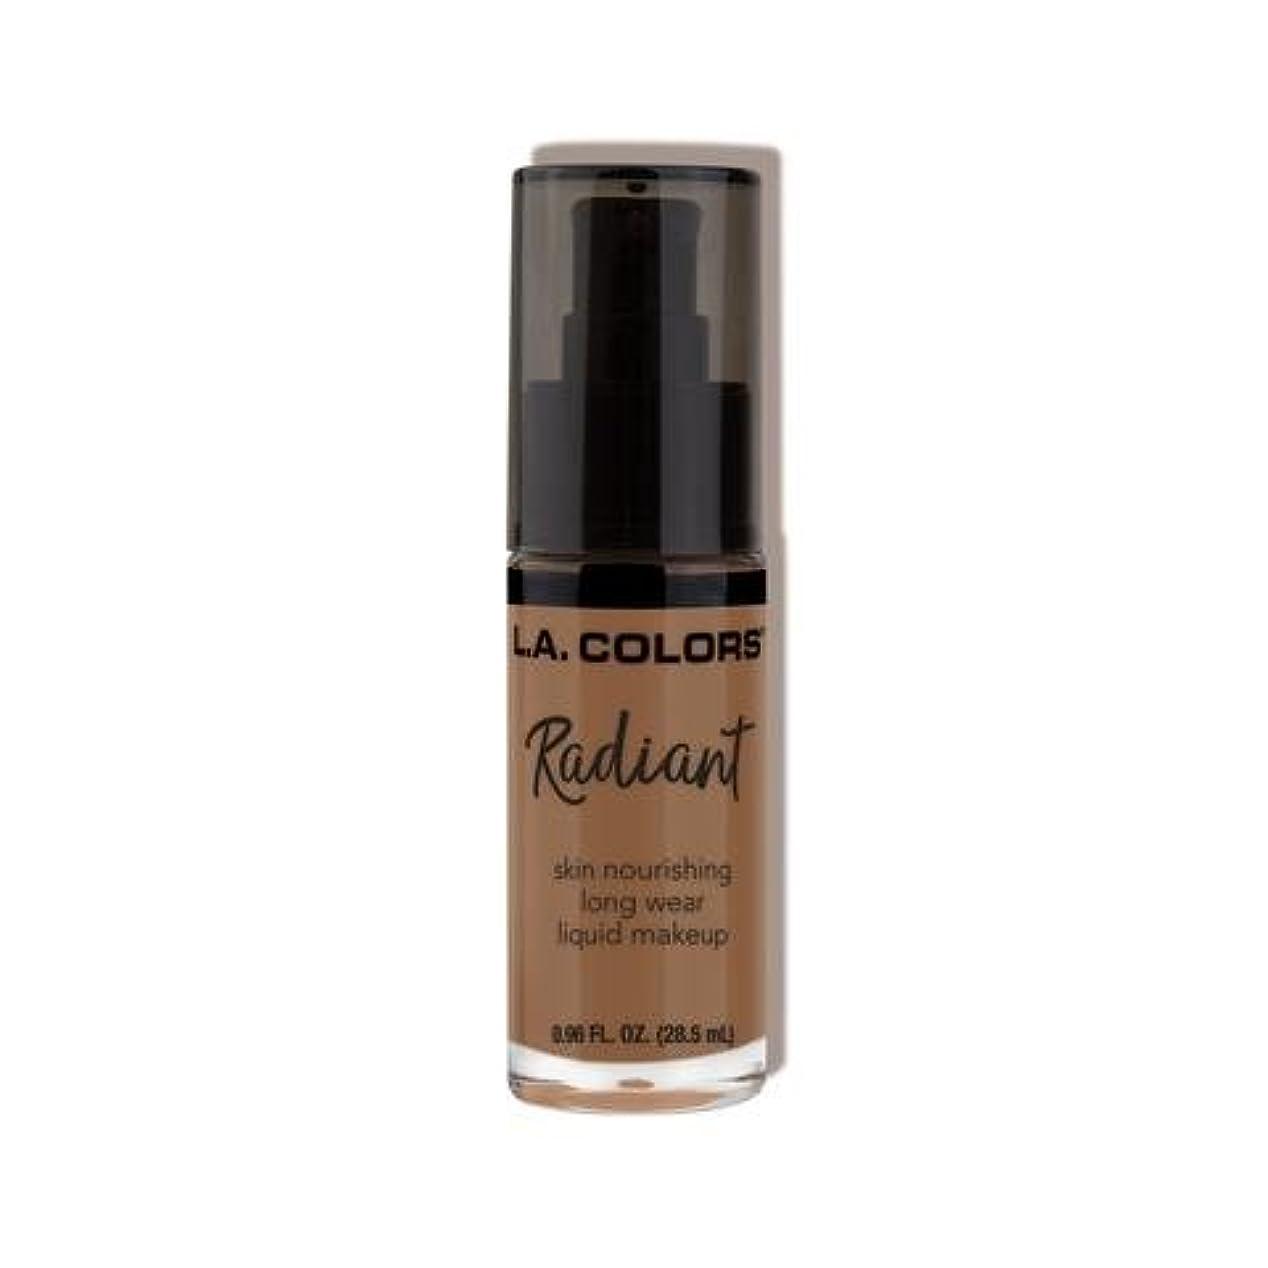 スコットランド人悪意のある成功(3 Pack) L.A. COLORS Radiant Liquid Makeup - Mocha (並行輸入品)